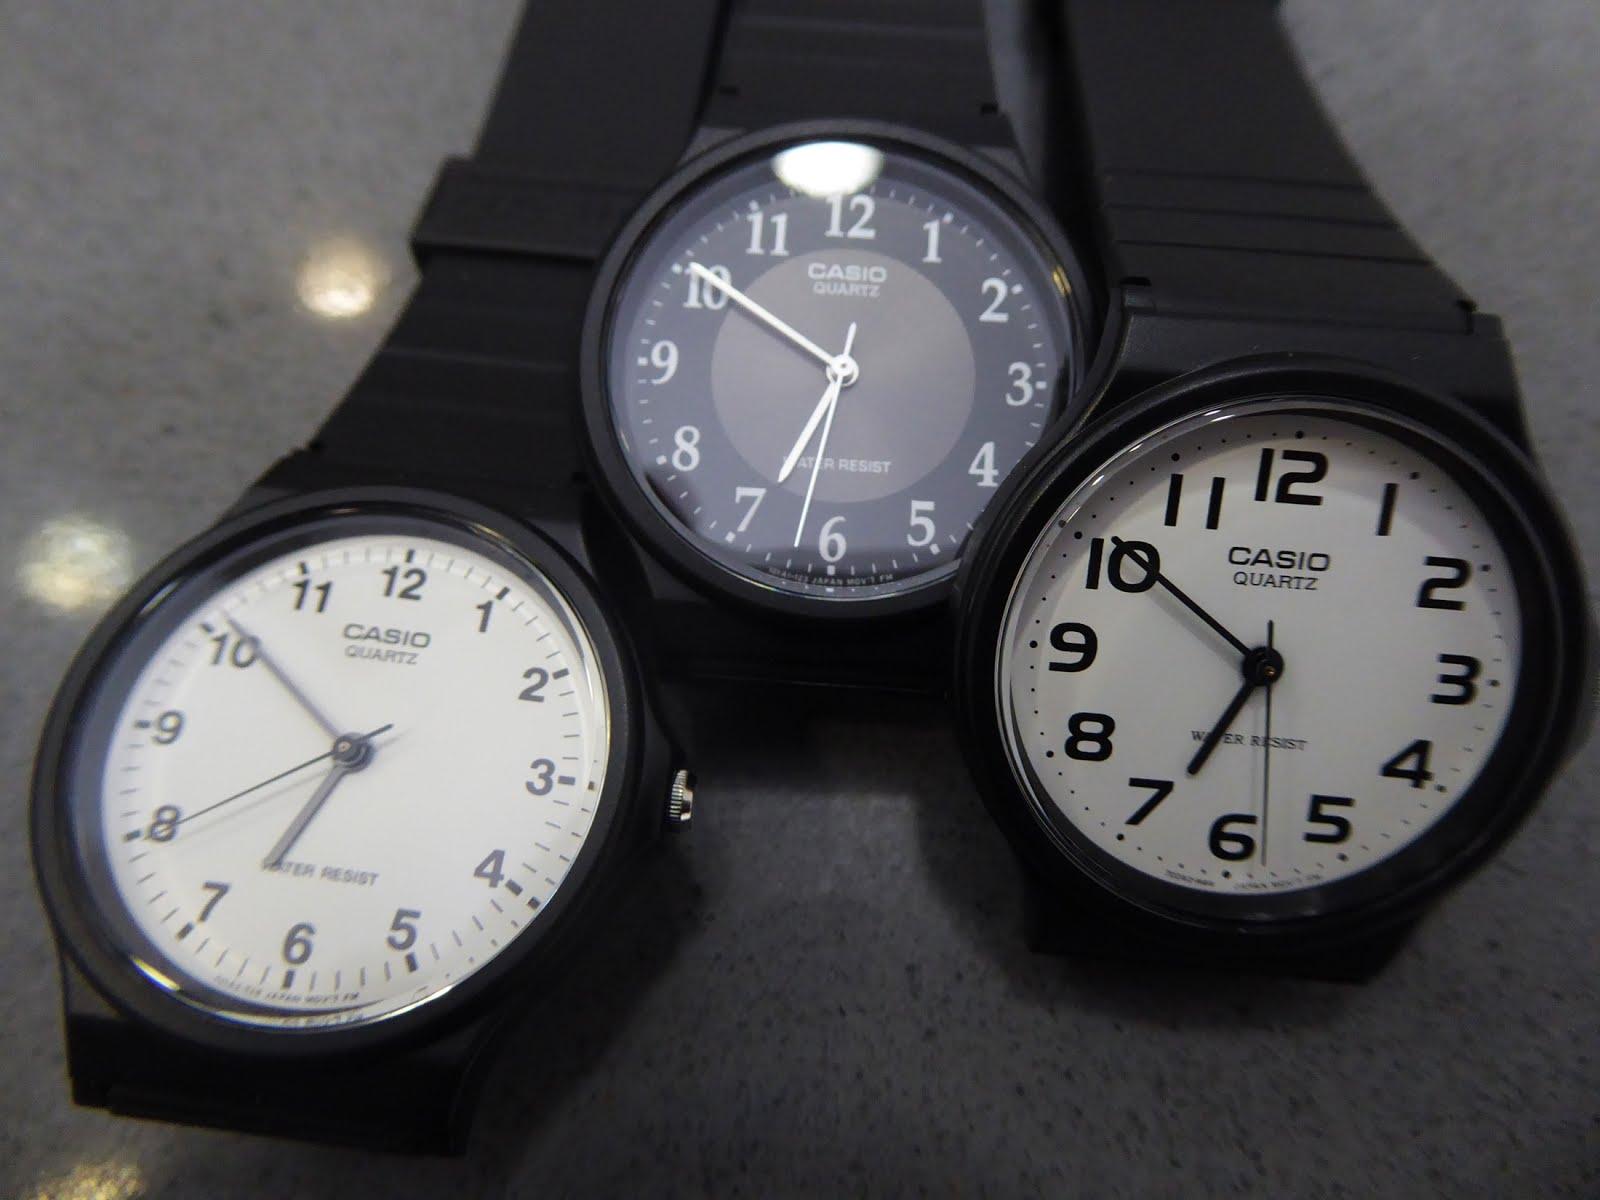 Relojes clásicos Casio